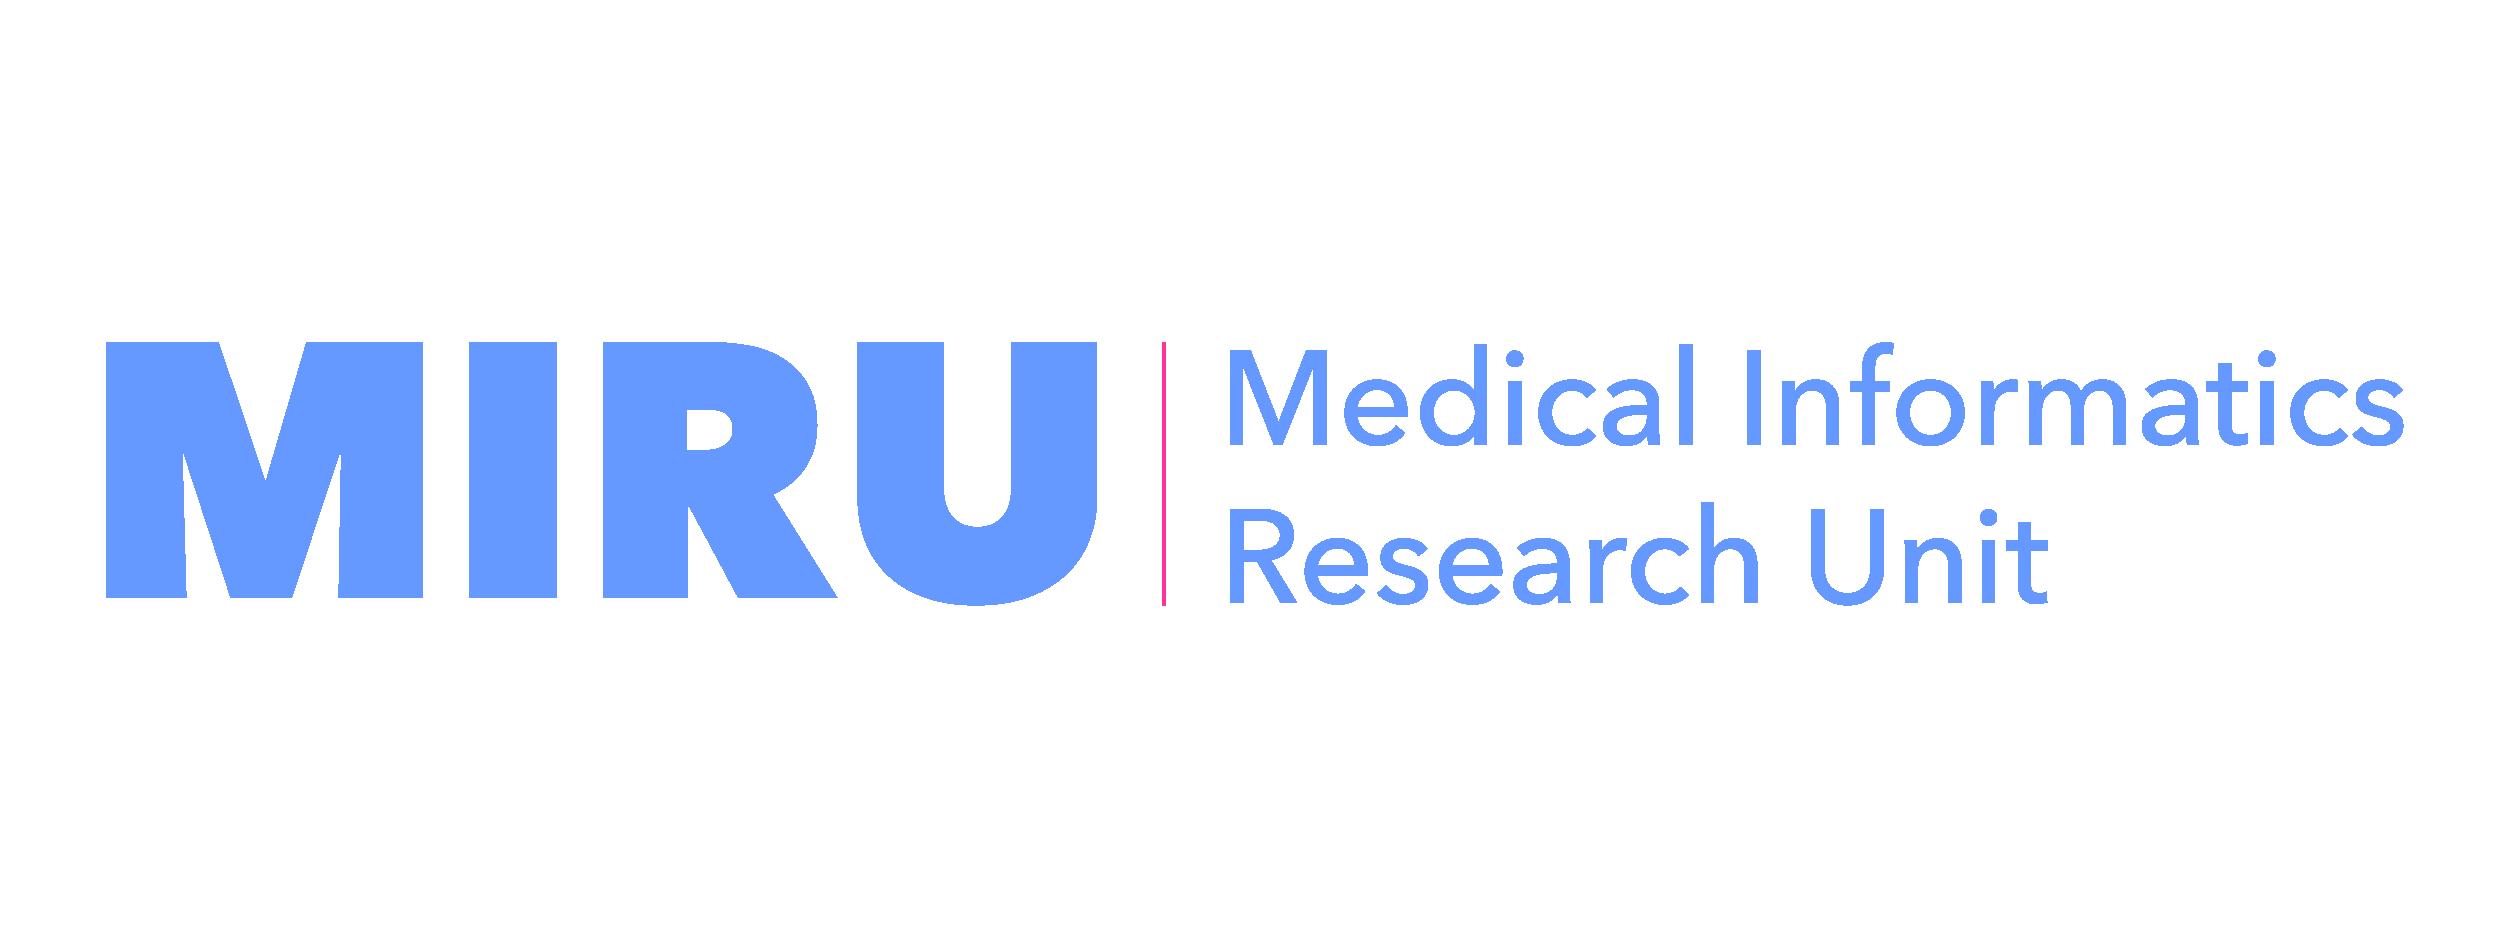 Medical Informatics Research Unit